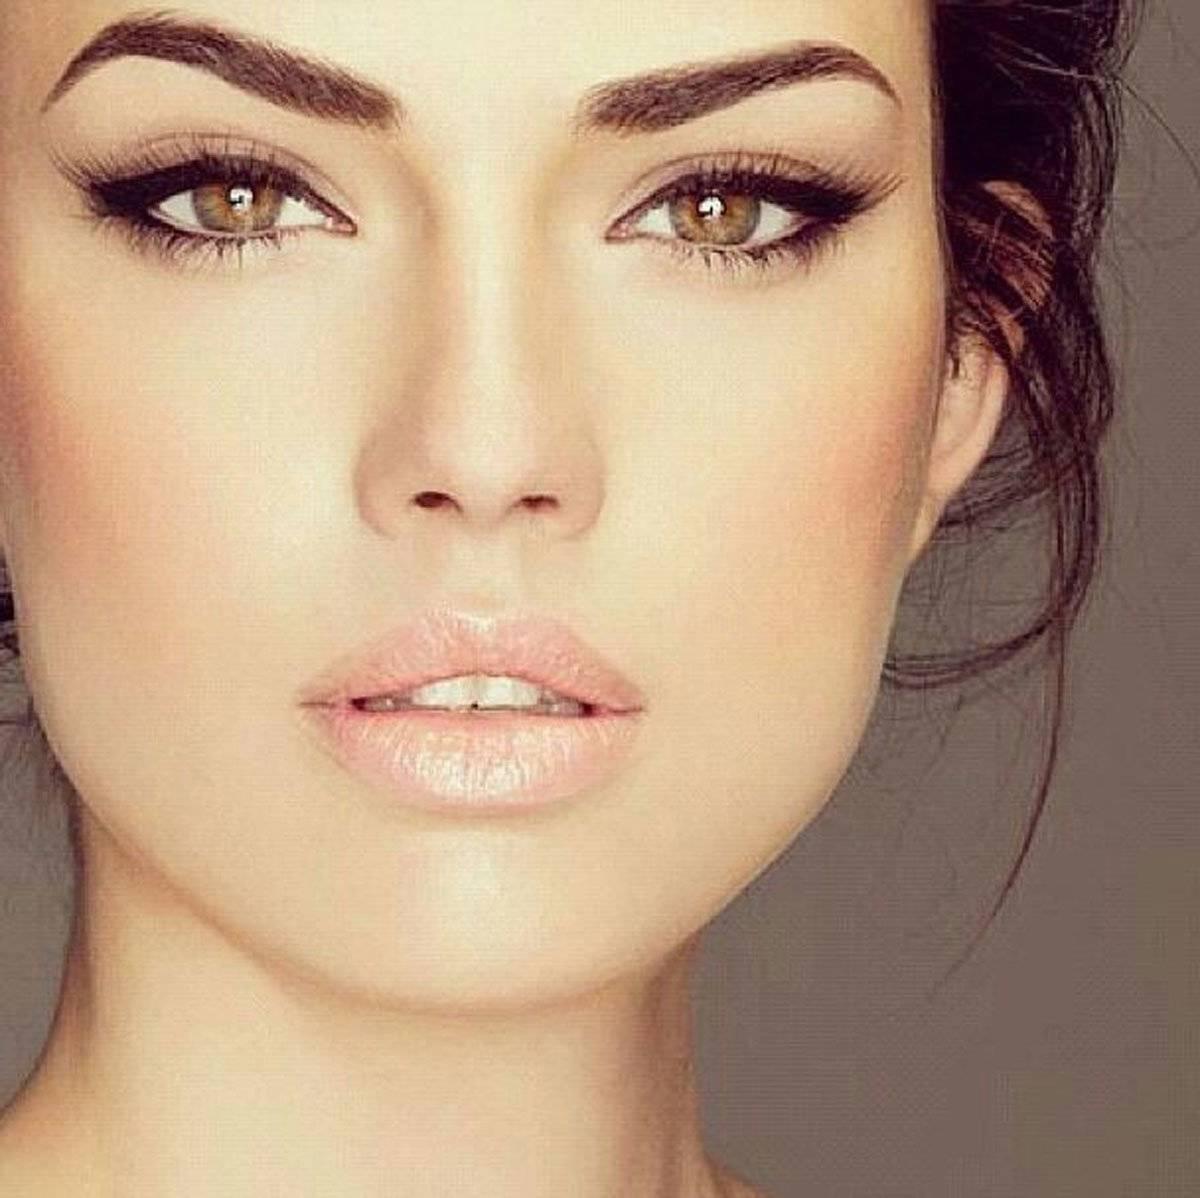 Как определить форму глаз. как определить форму и тип глаз, подобрать к ним макияж